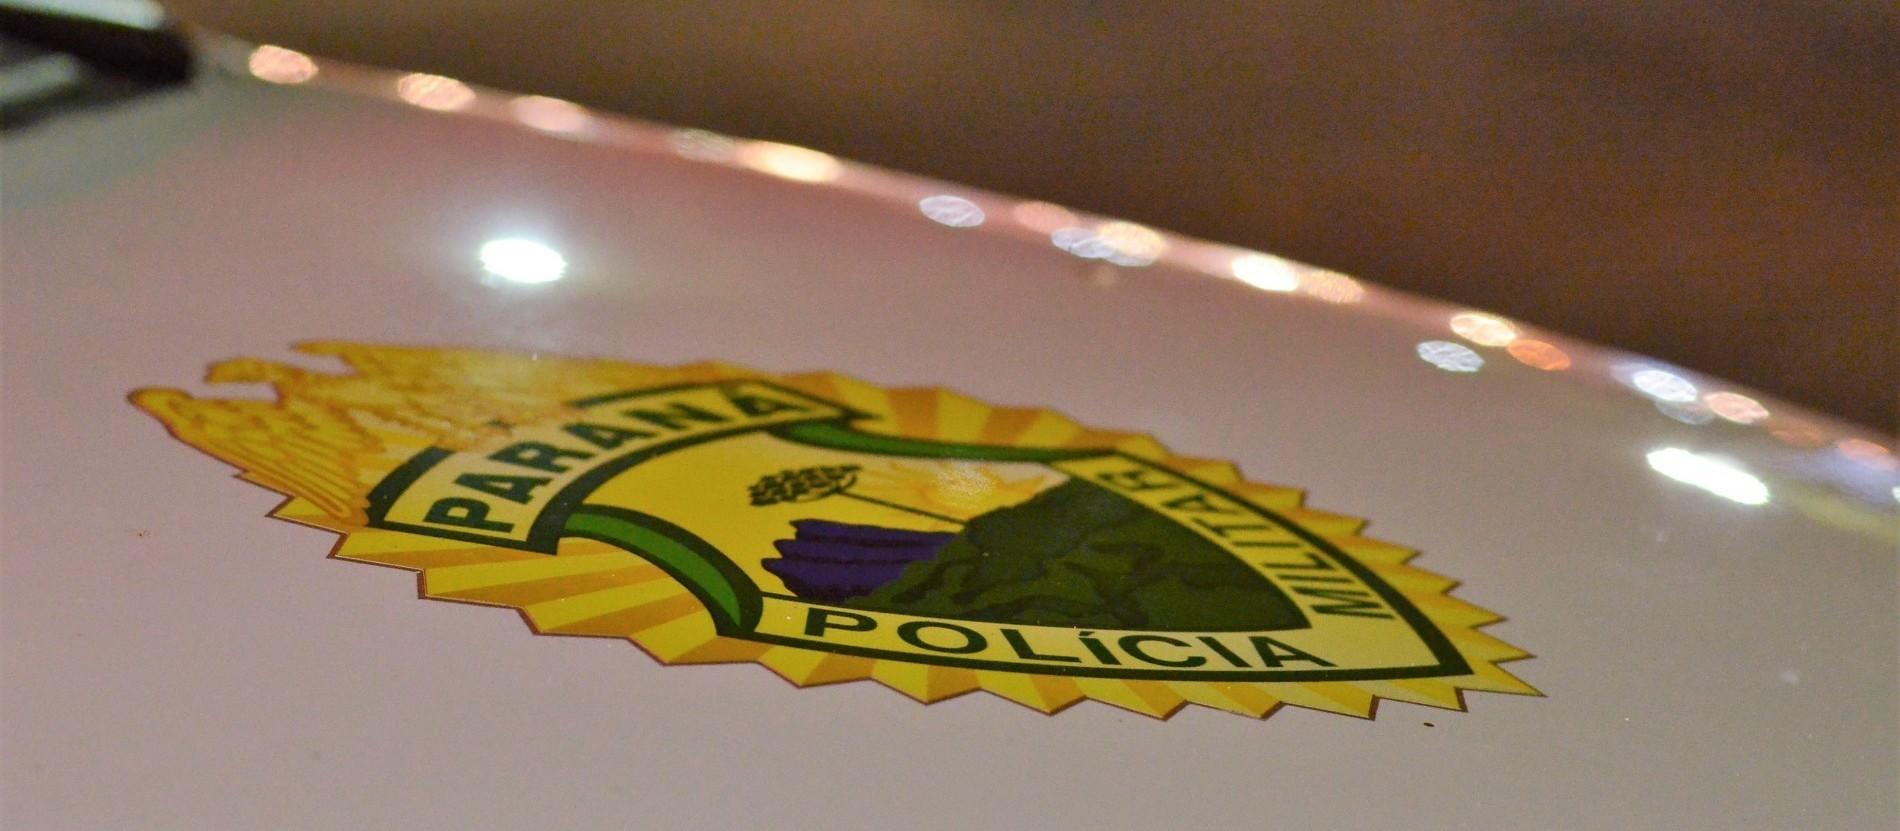 Acusado de crimes em pensionato da zona 7 passará por avaliação mental